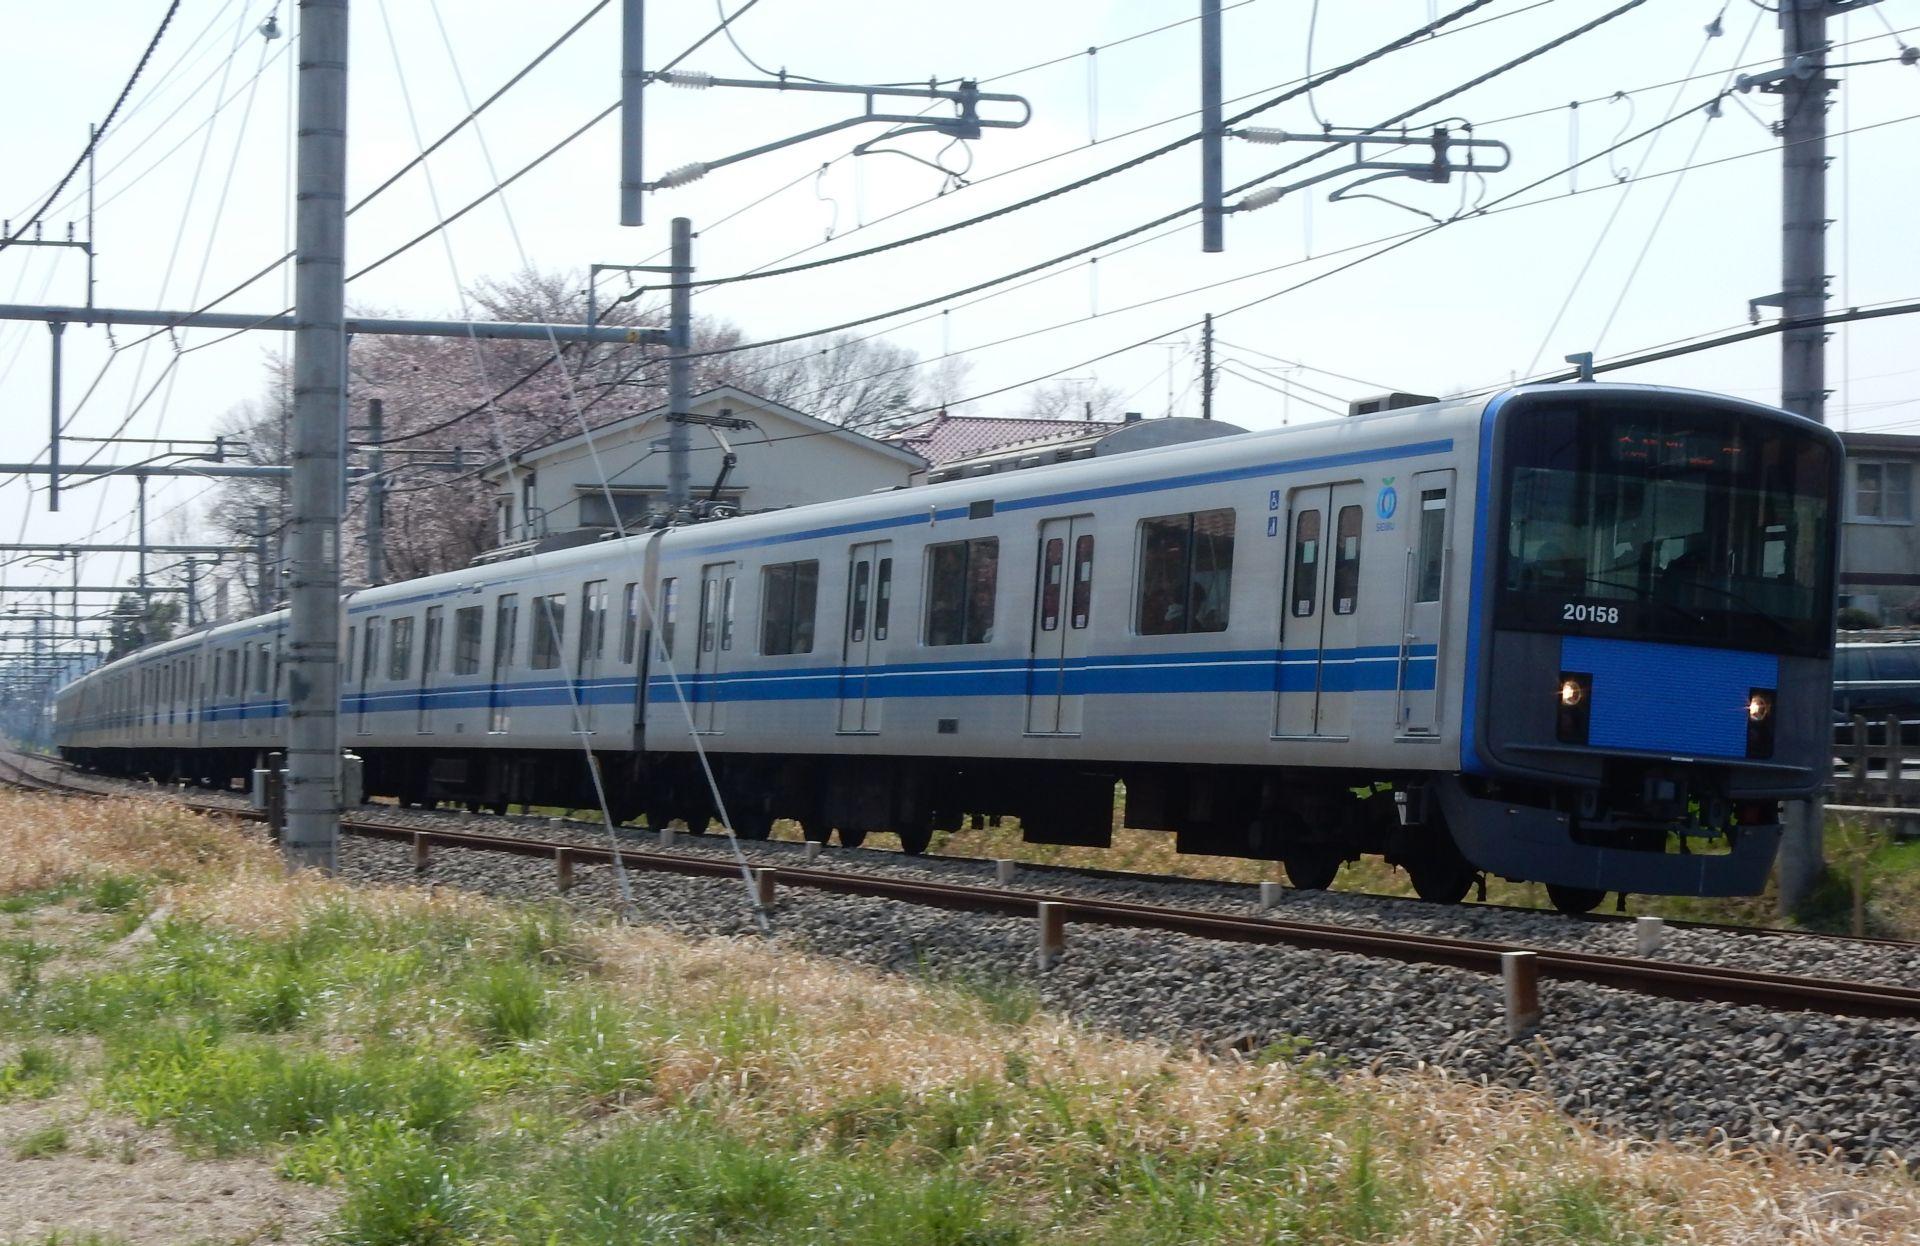 DSCN6357 - コピー